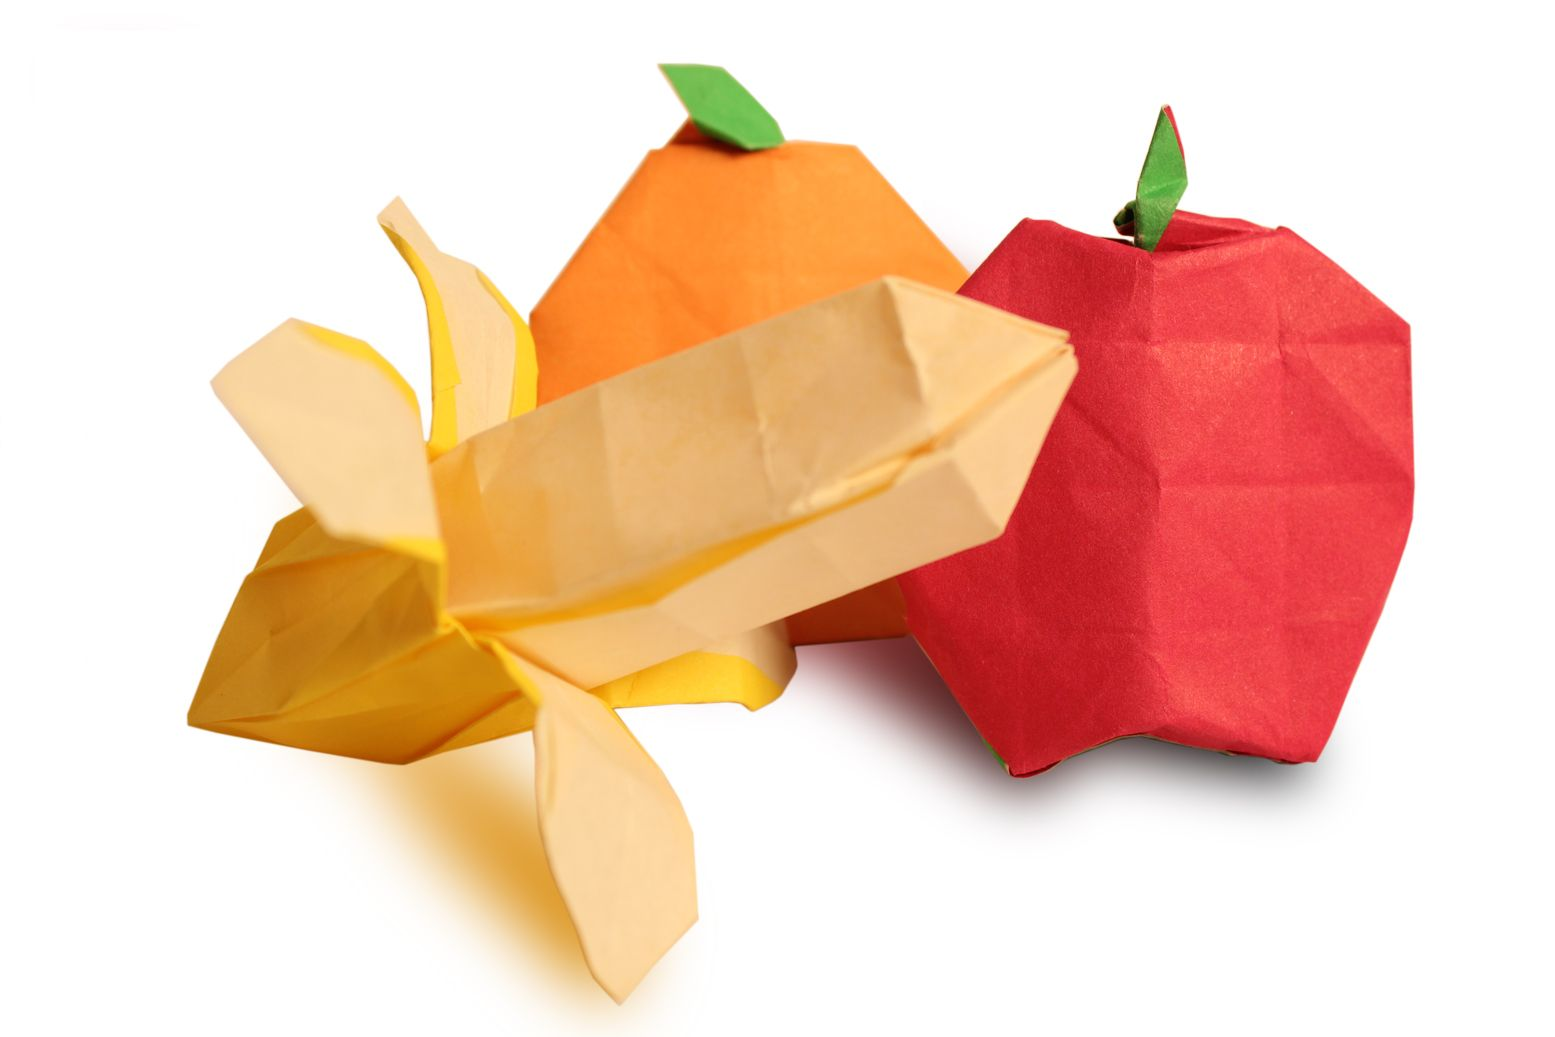 Frutas De Origami Origami Diy Manualidades Origami